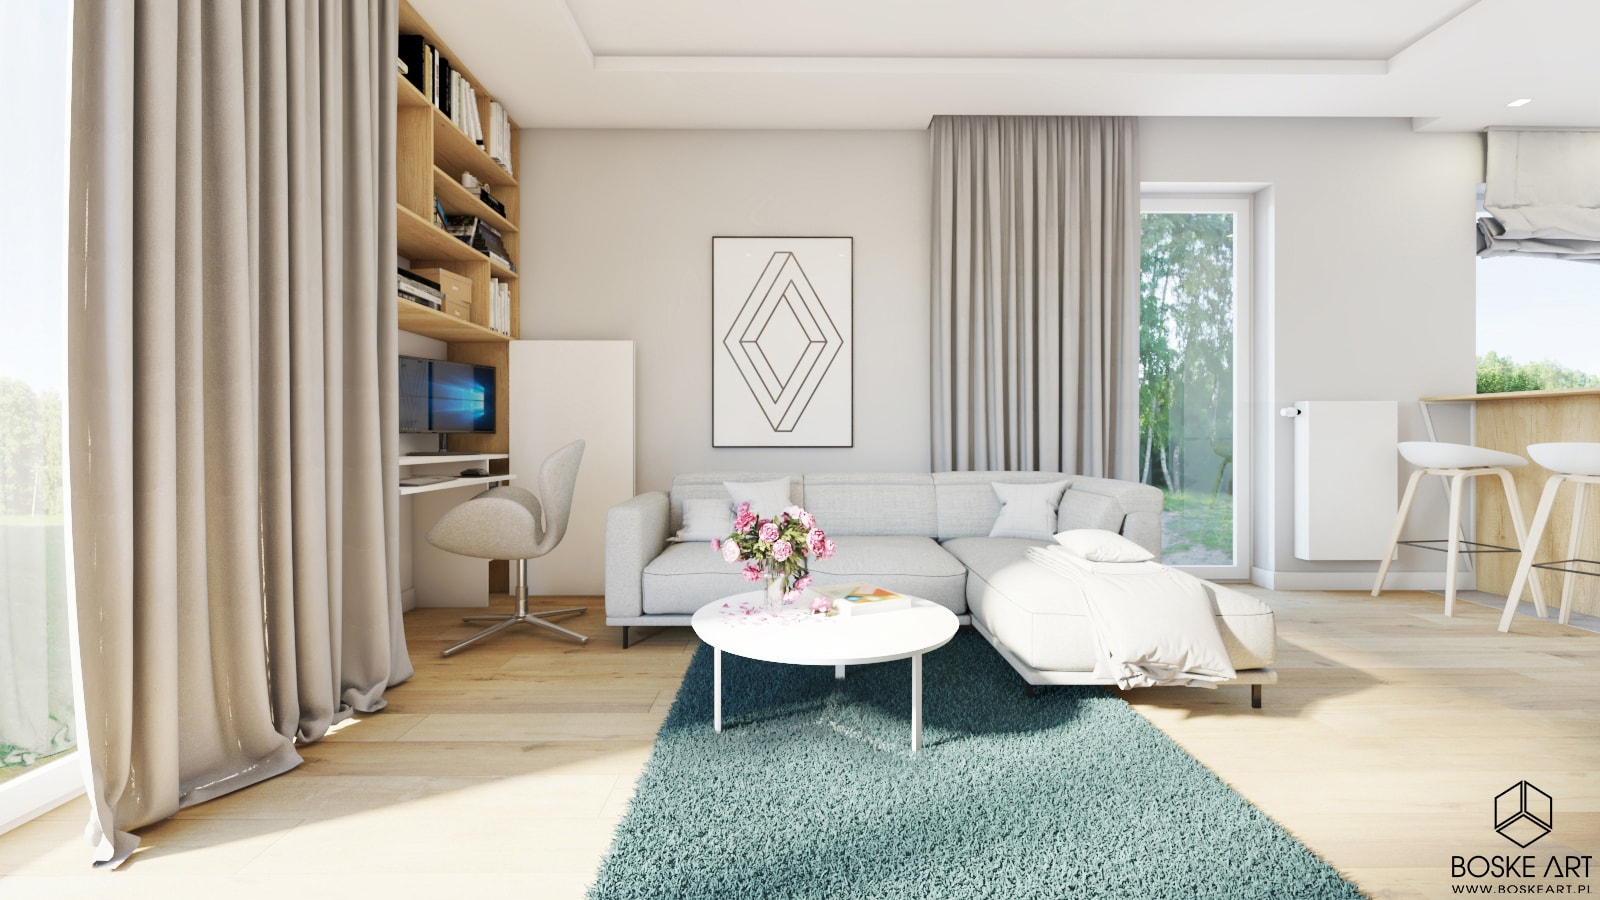 2_projekt_mieszkania_poznan_projektowanie_wnetrz_architektura_boske_art_natalia_robaszkiweicz-min